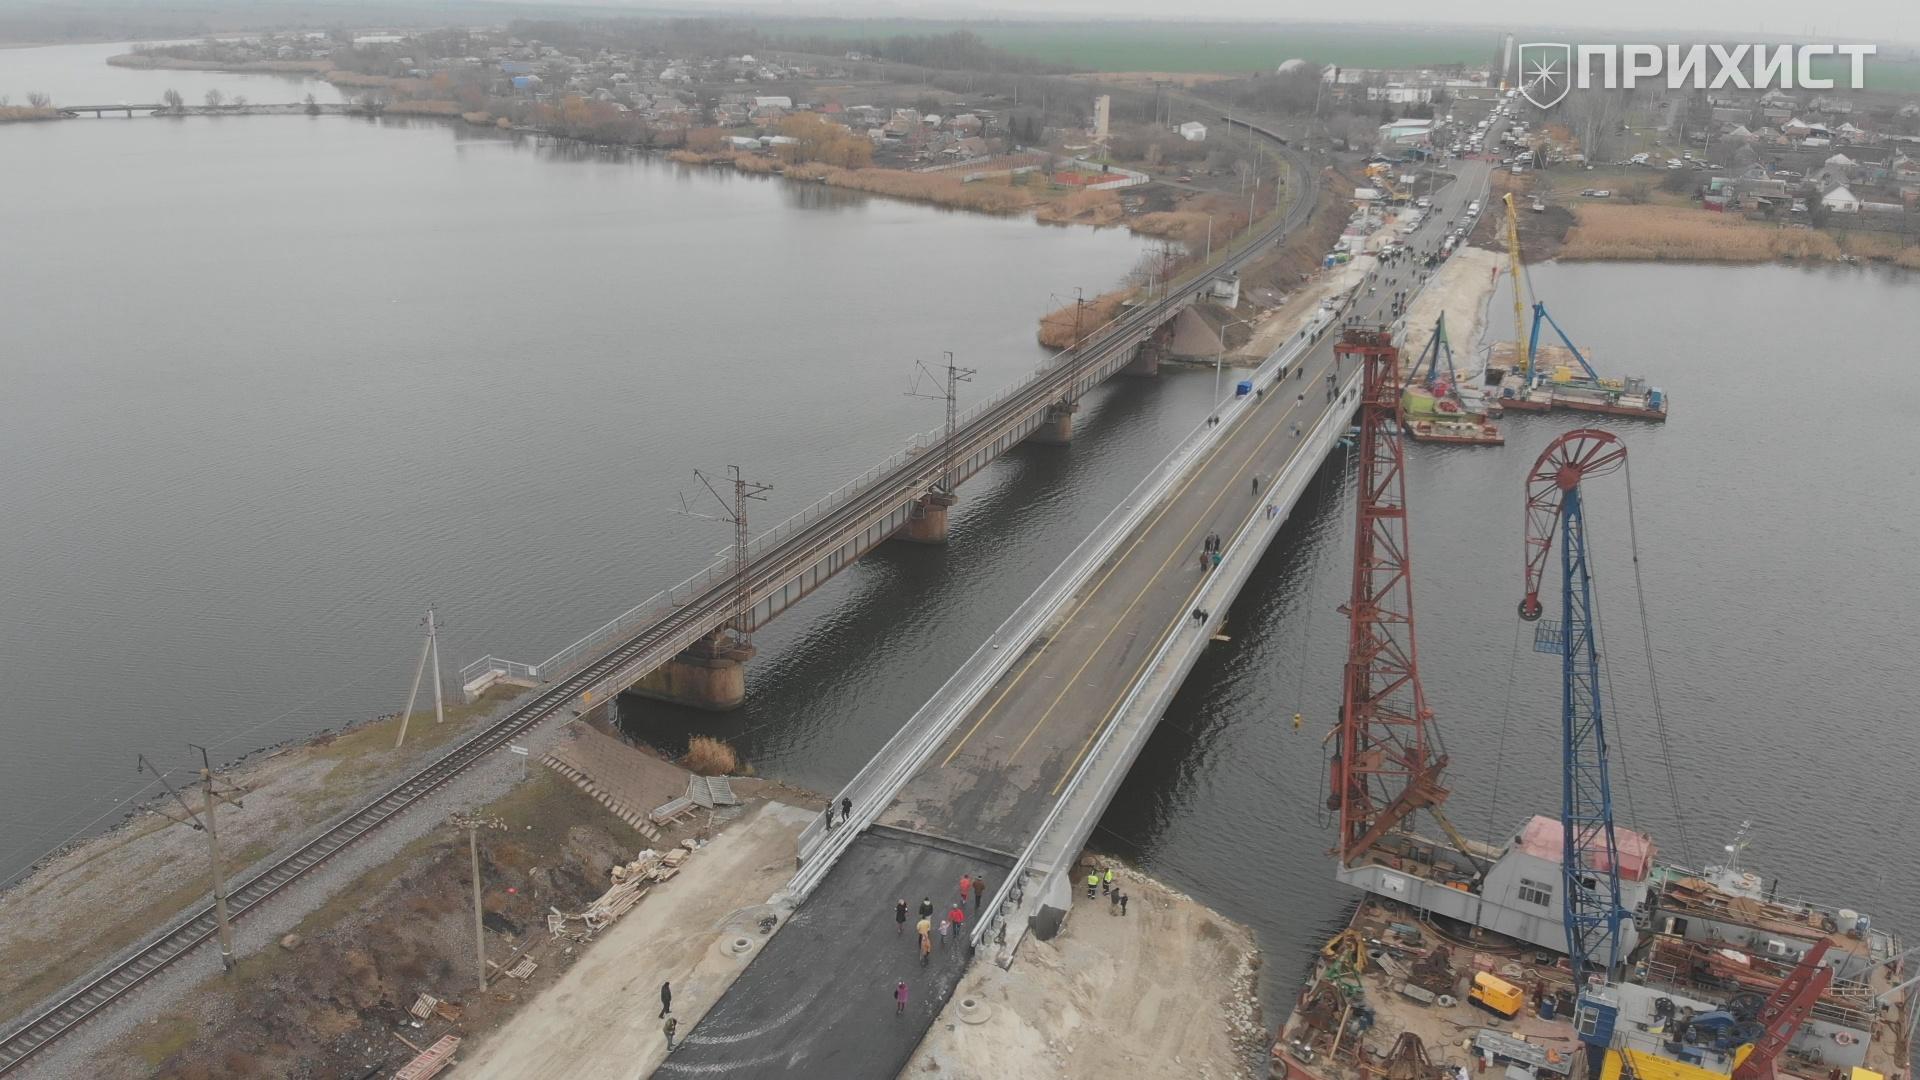 Открытие моста через р. Чертомлык в Алексеевке   Прихист